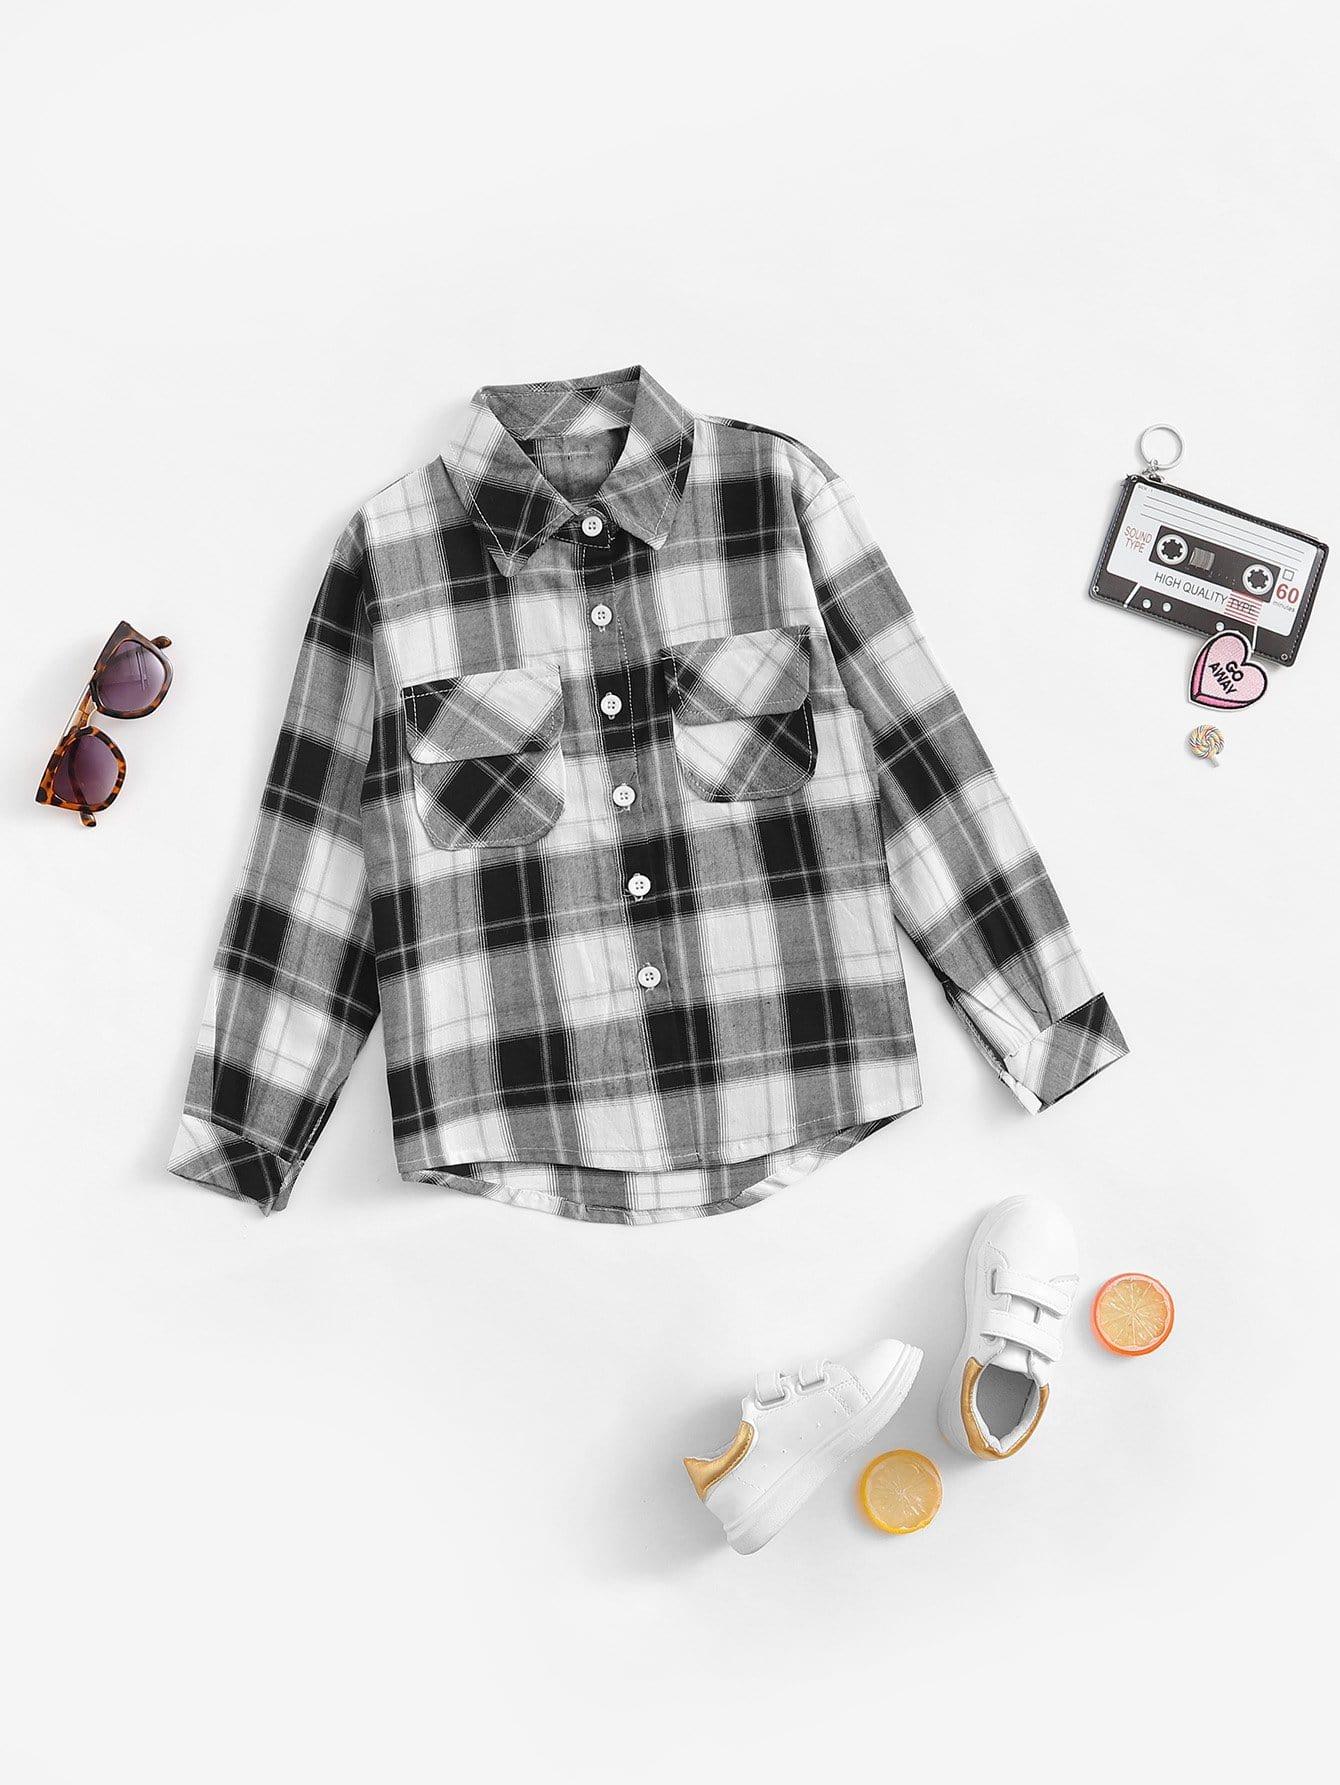 Мальчики Письмо Печать Клетчатую Рубашку